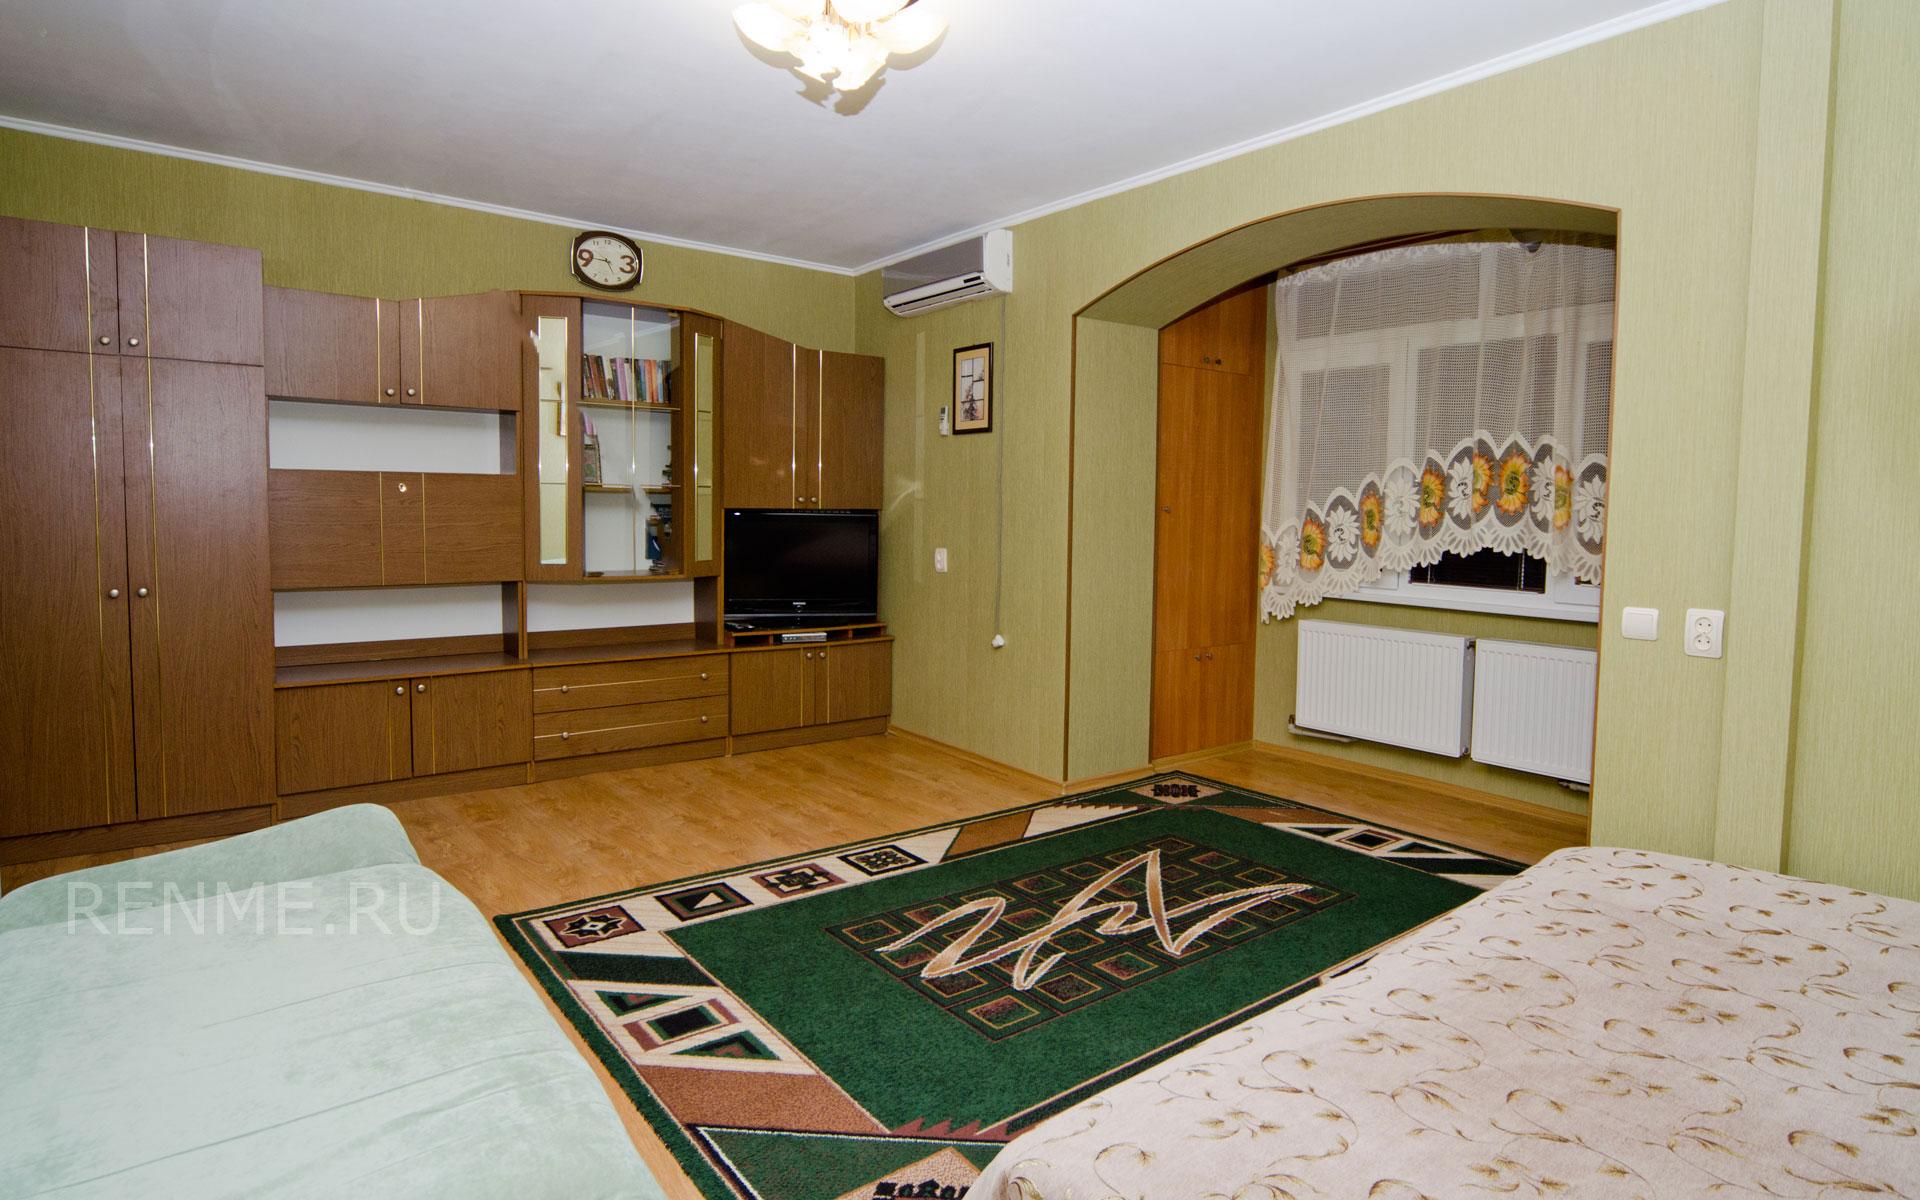 Комната. Однокомнатная квартира в Заозерном. Квартиры Заозёрного